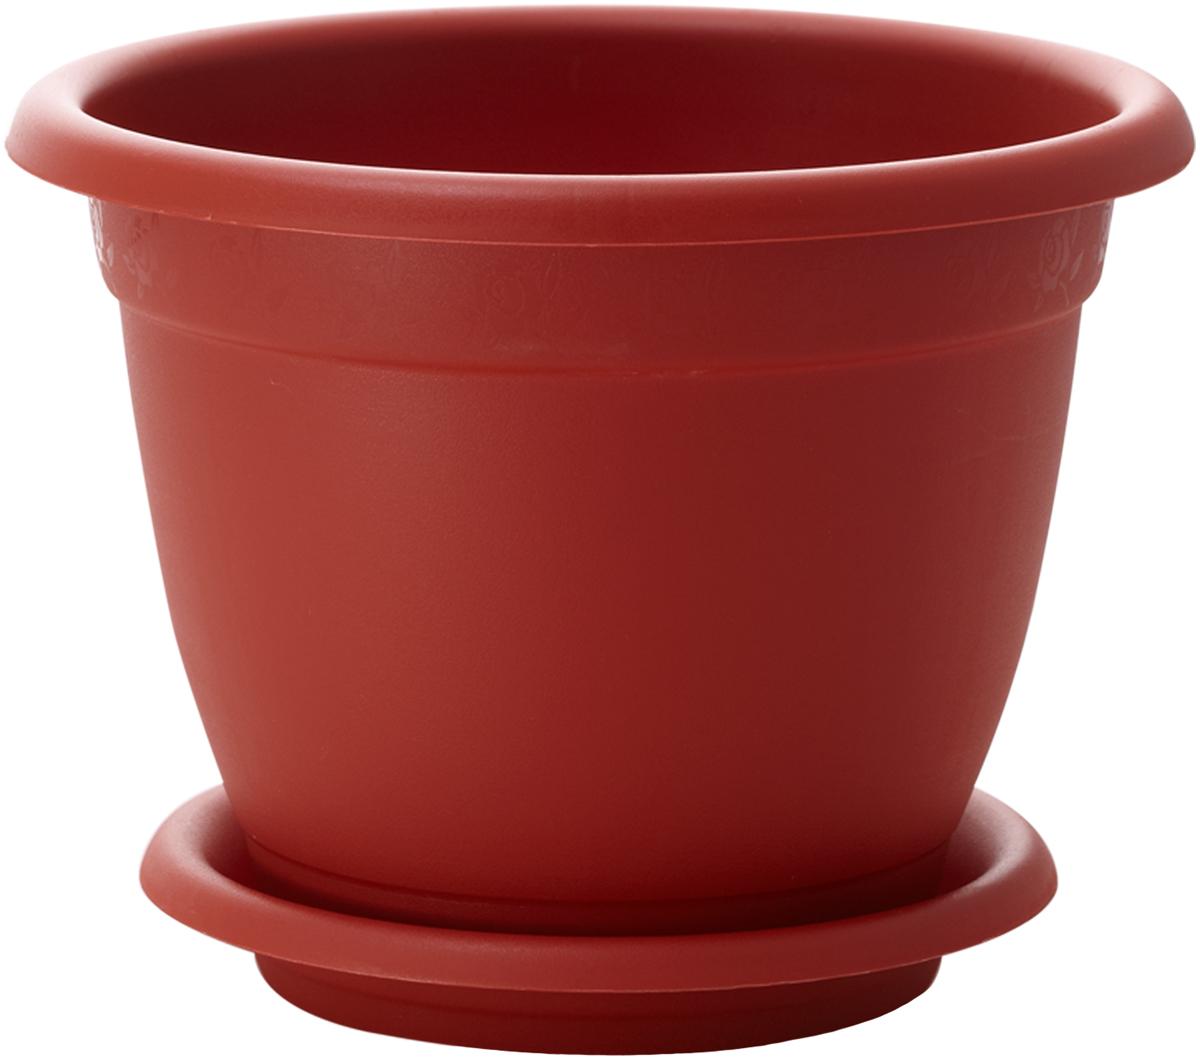 Горшок для цветов InGreen Борнео, с поддоном, цвет: терракотовый, диаметр 43 смING42043FТРЦветочный горшок с поддоном InGreen Борнео, выполненный из высококачественного пластика, сочетает в себе классический дизайн и функциональность. Он станет прекрасным дополнением любого интерьера. Горшок имеет дренажные отверстия, что способствует выведению лишней влаги из почвы и предотвращает гниение корневой системы растения. Благодаря специальной крепежной системе поддон прочно крепится к горшку, что обеспечивает удобство эксплуатации изделия. Между стенкой горшка и поддоном есть зазор, который позволяет испаряться лишней влаге и дает возможность прикорневого полива растения. Горшок InGreen Борнео предназначен для выращивания многолетних и однолетних растений.